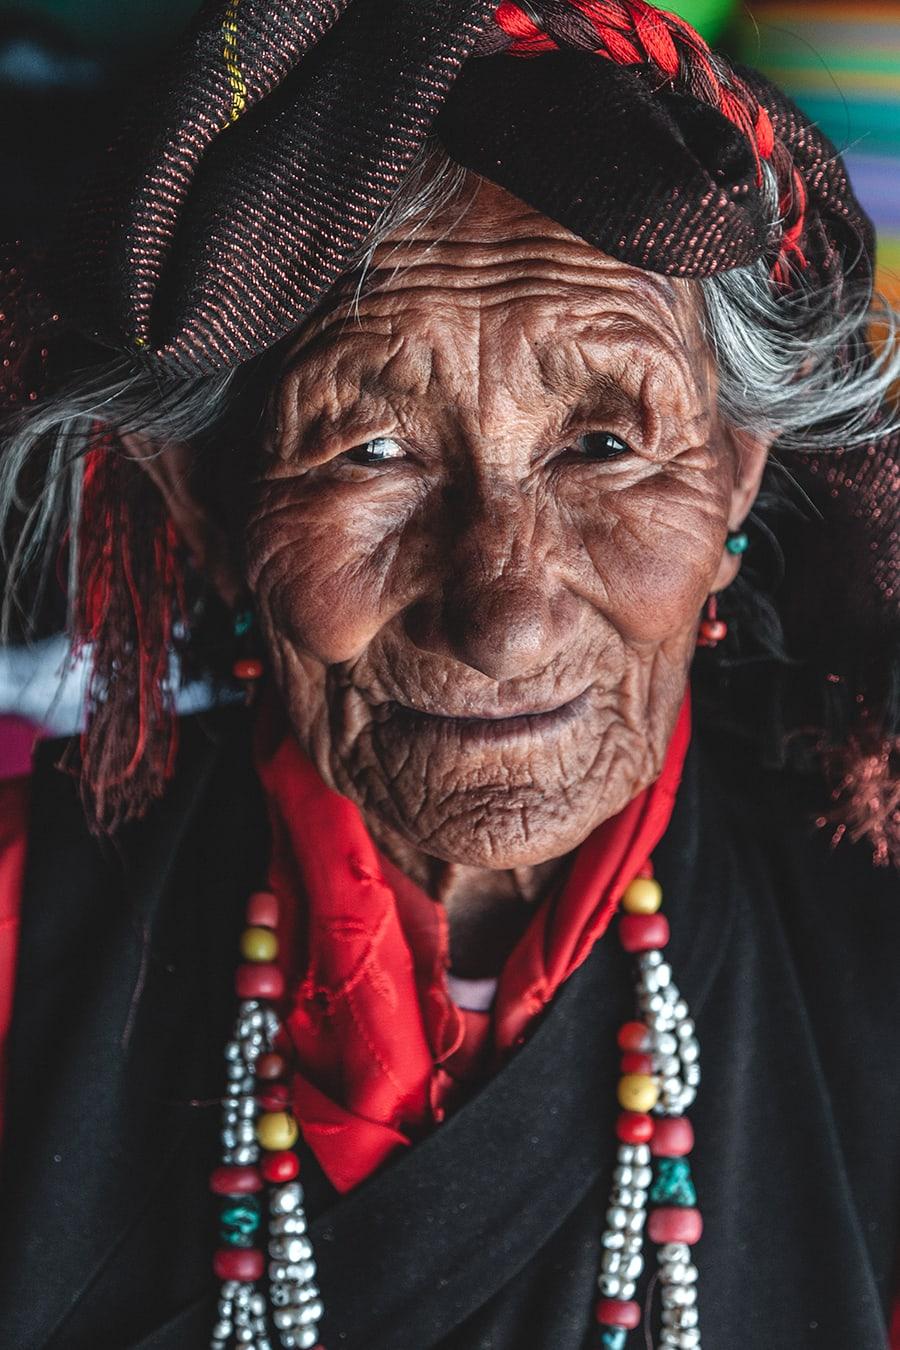 An old Tibetan woman on the outskirts of Shigatse.